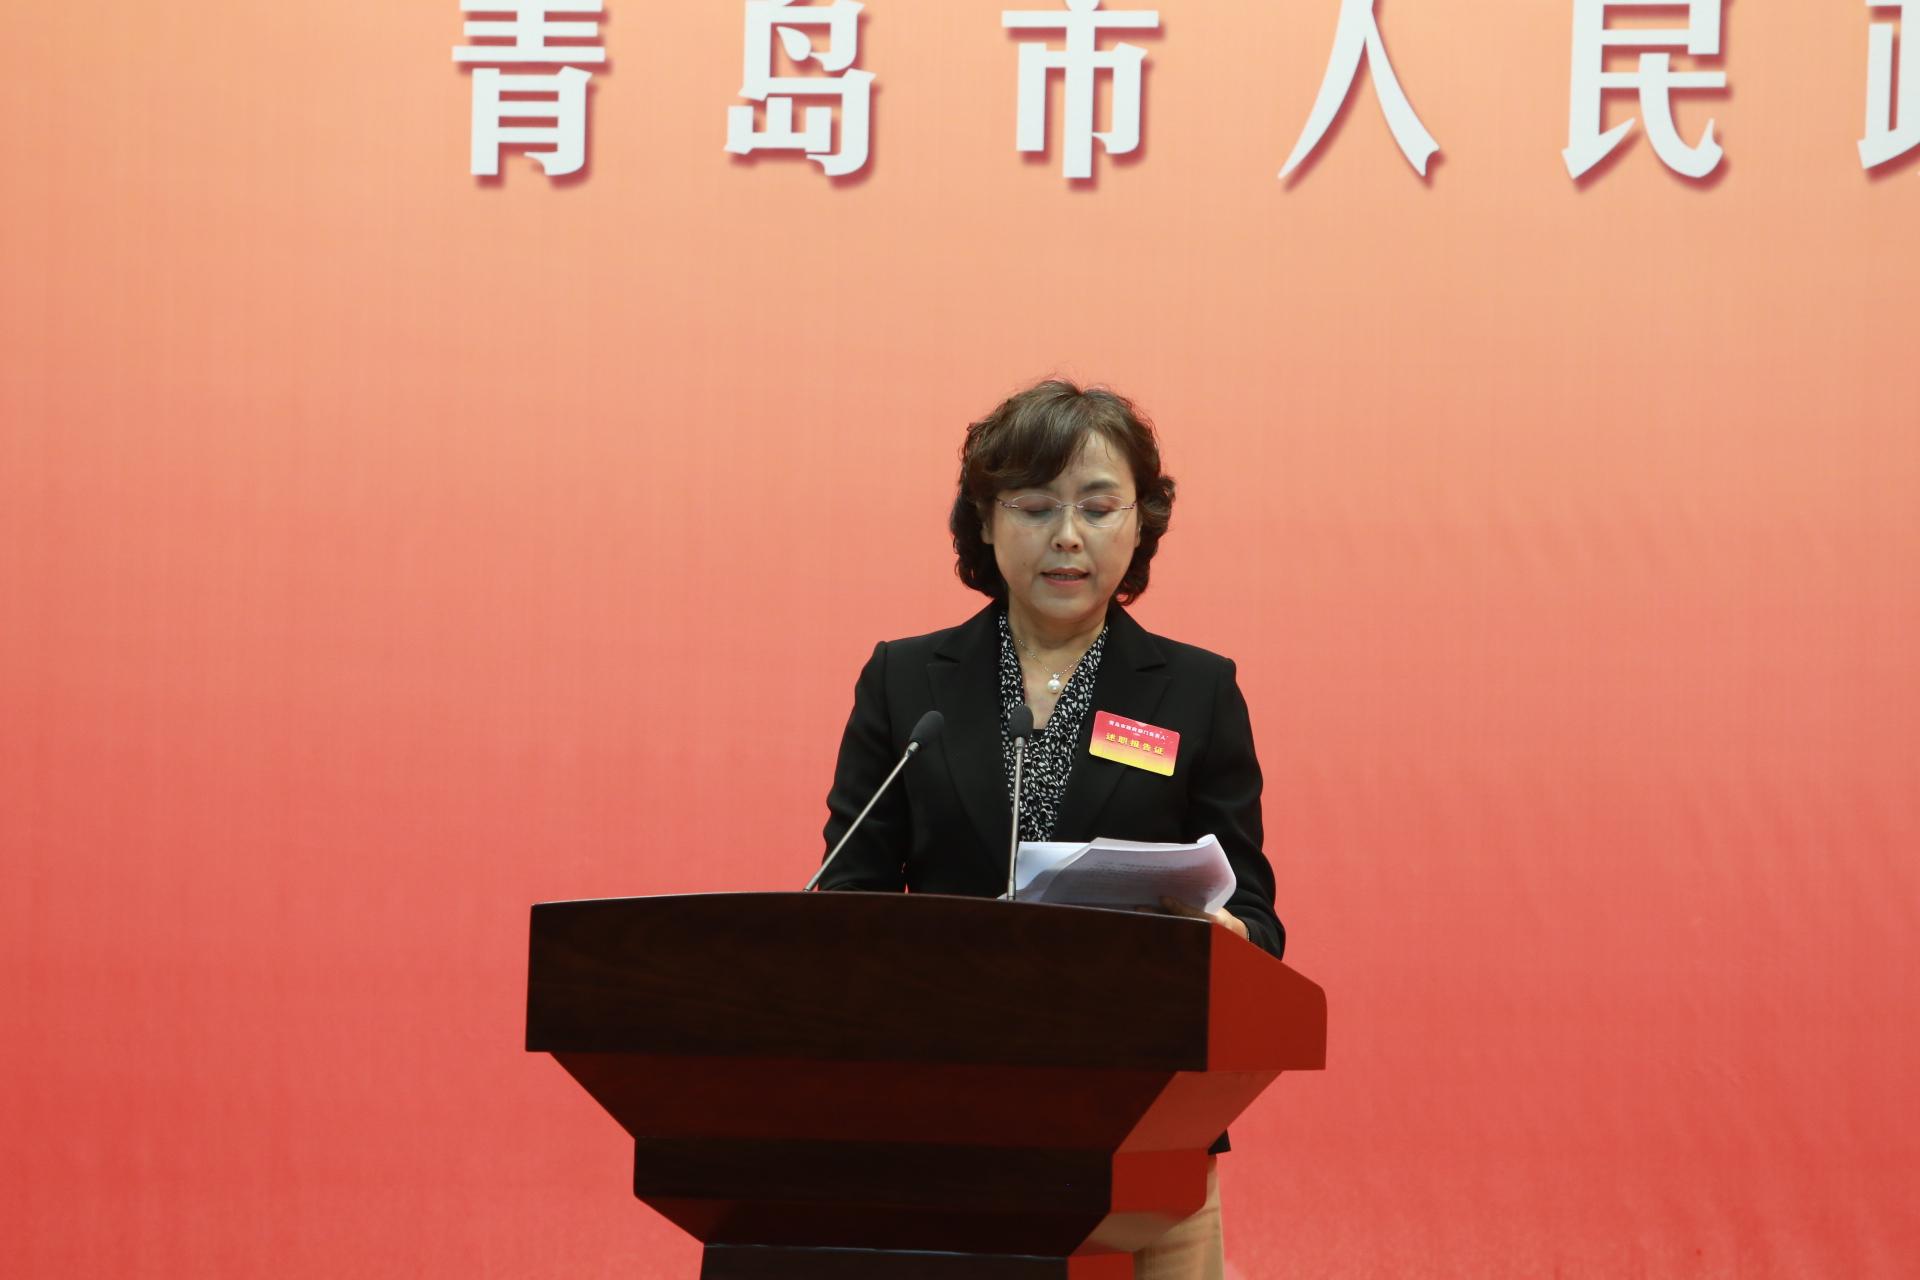 市政府外办副主任高群:青岛国际朋友圈越来越大